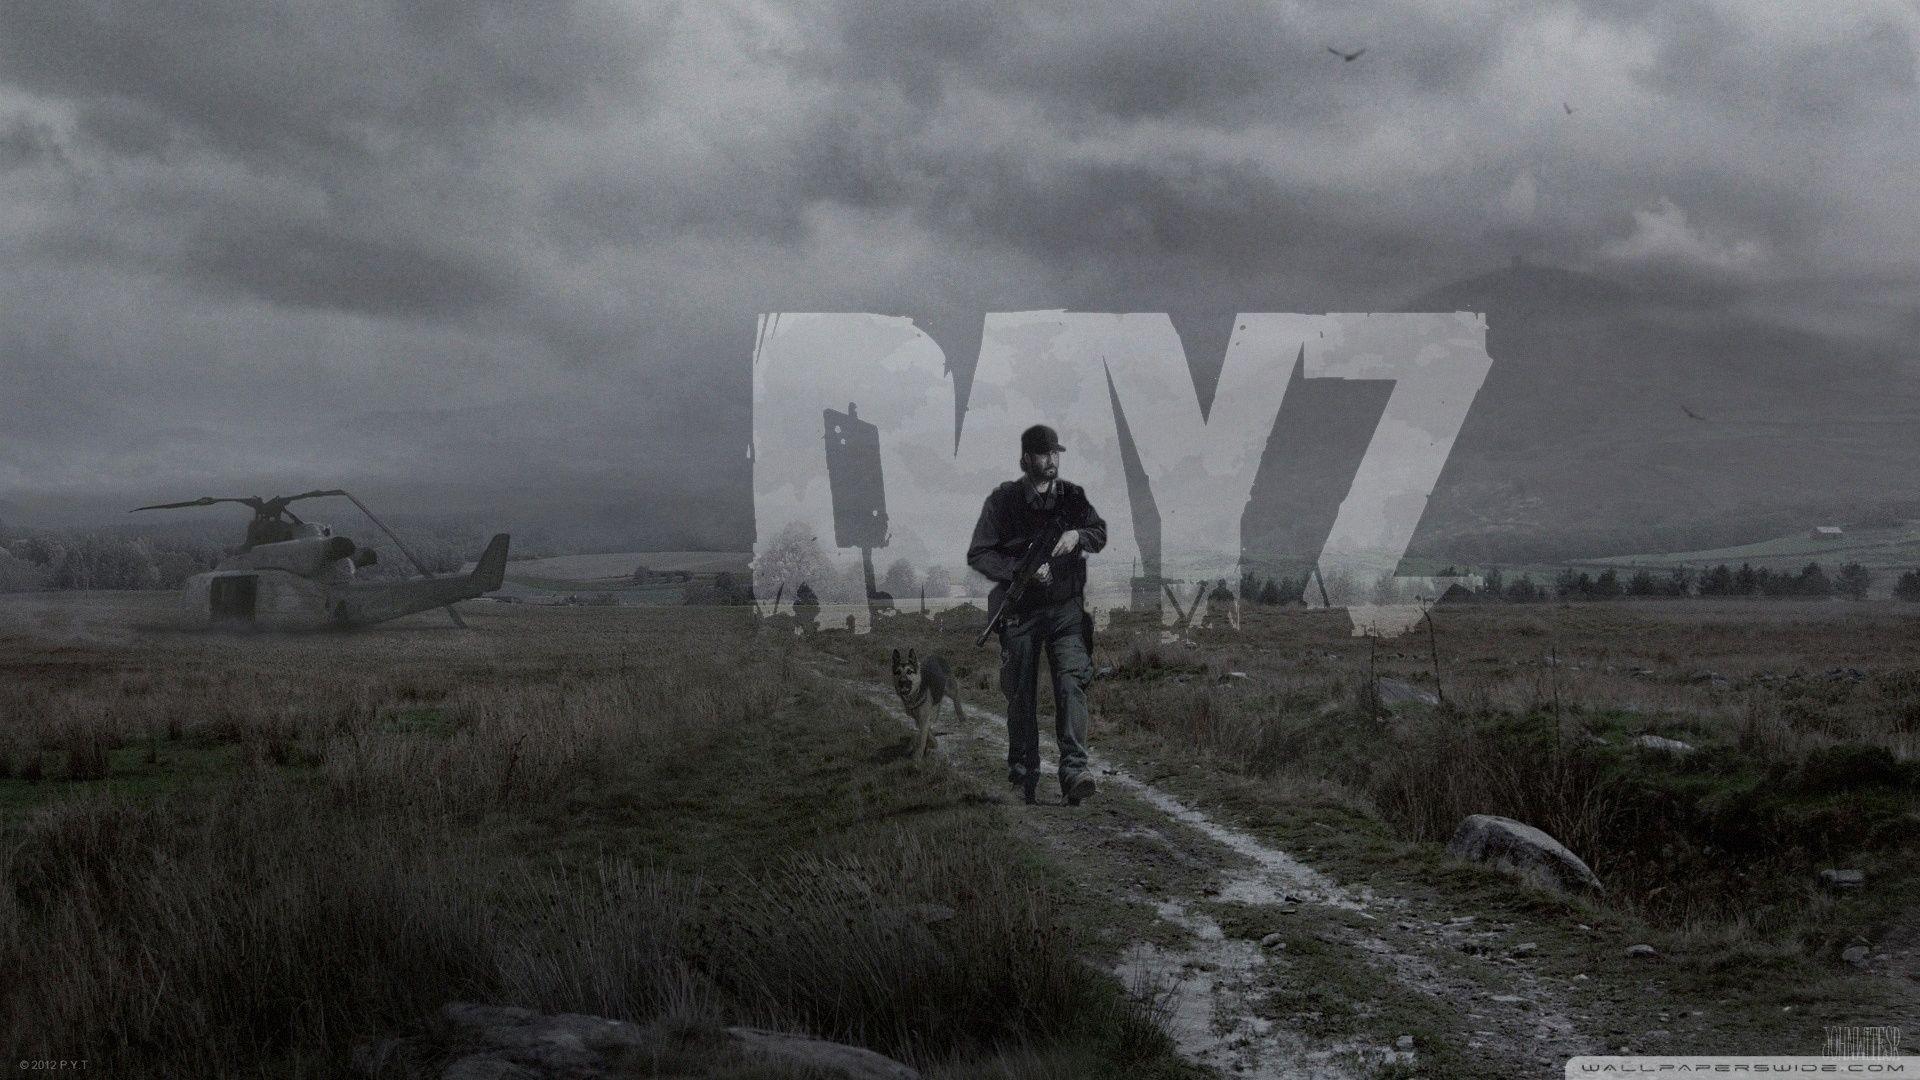 سی دی کی اریجینال استیم بازی DayZ